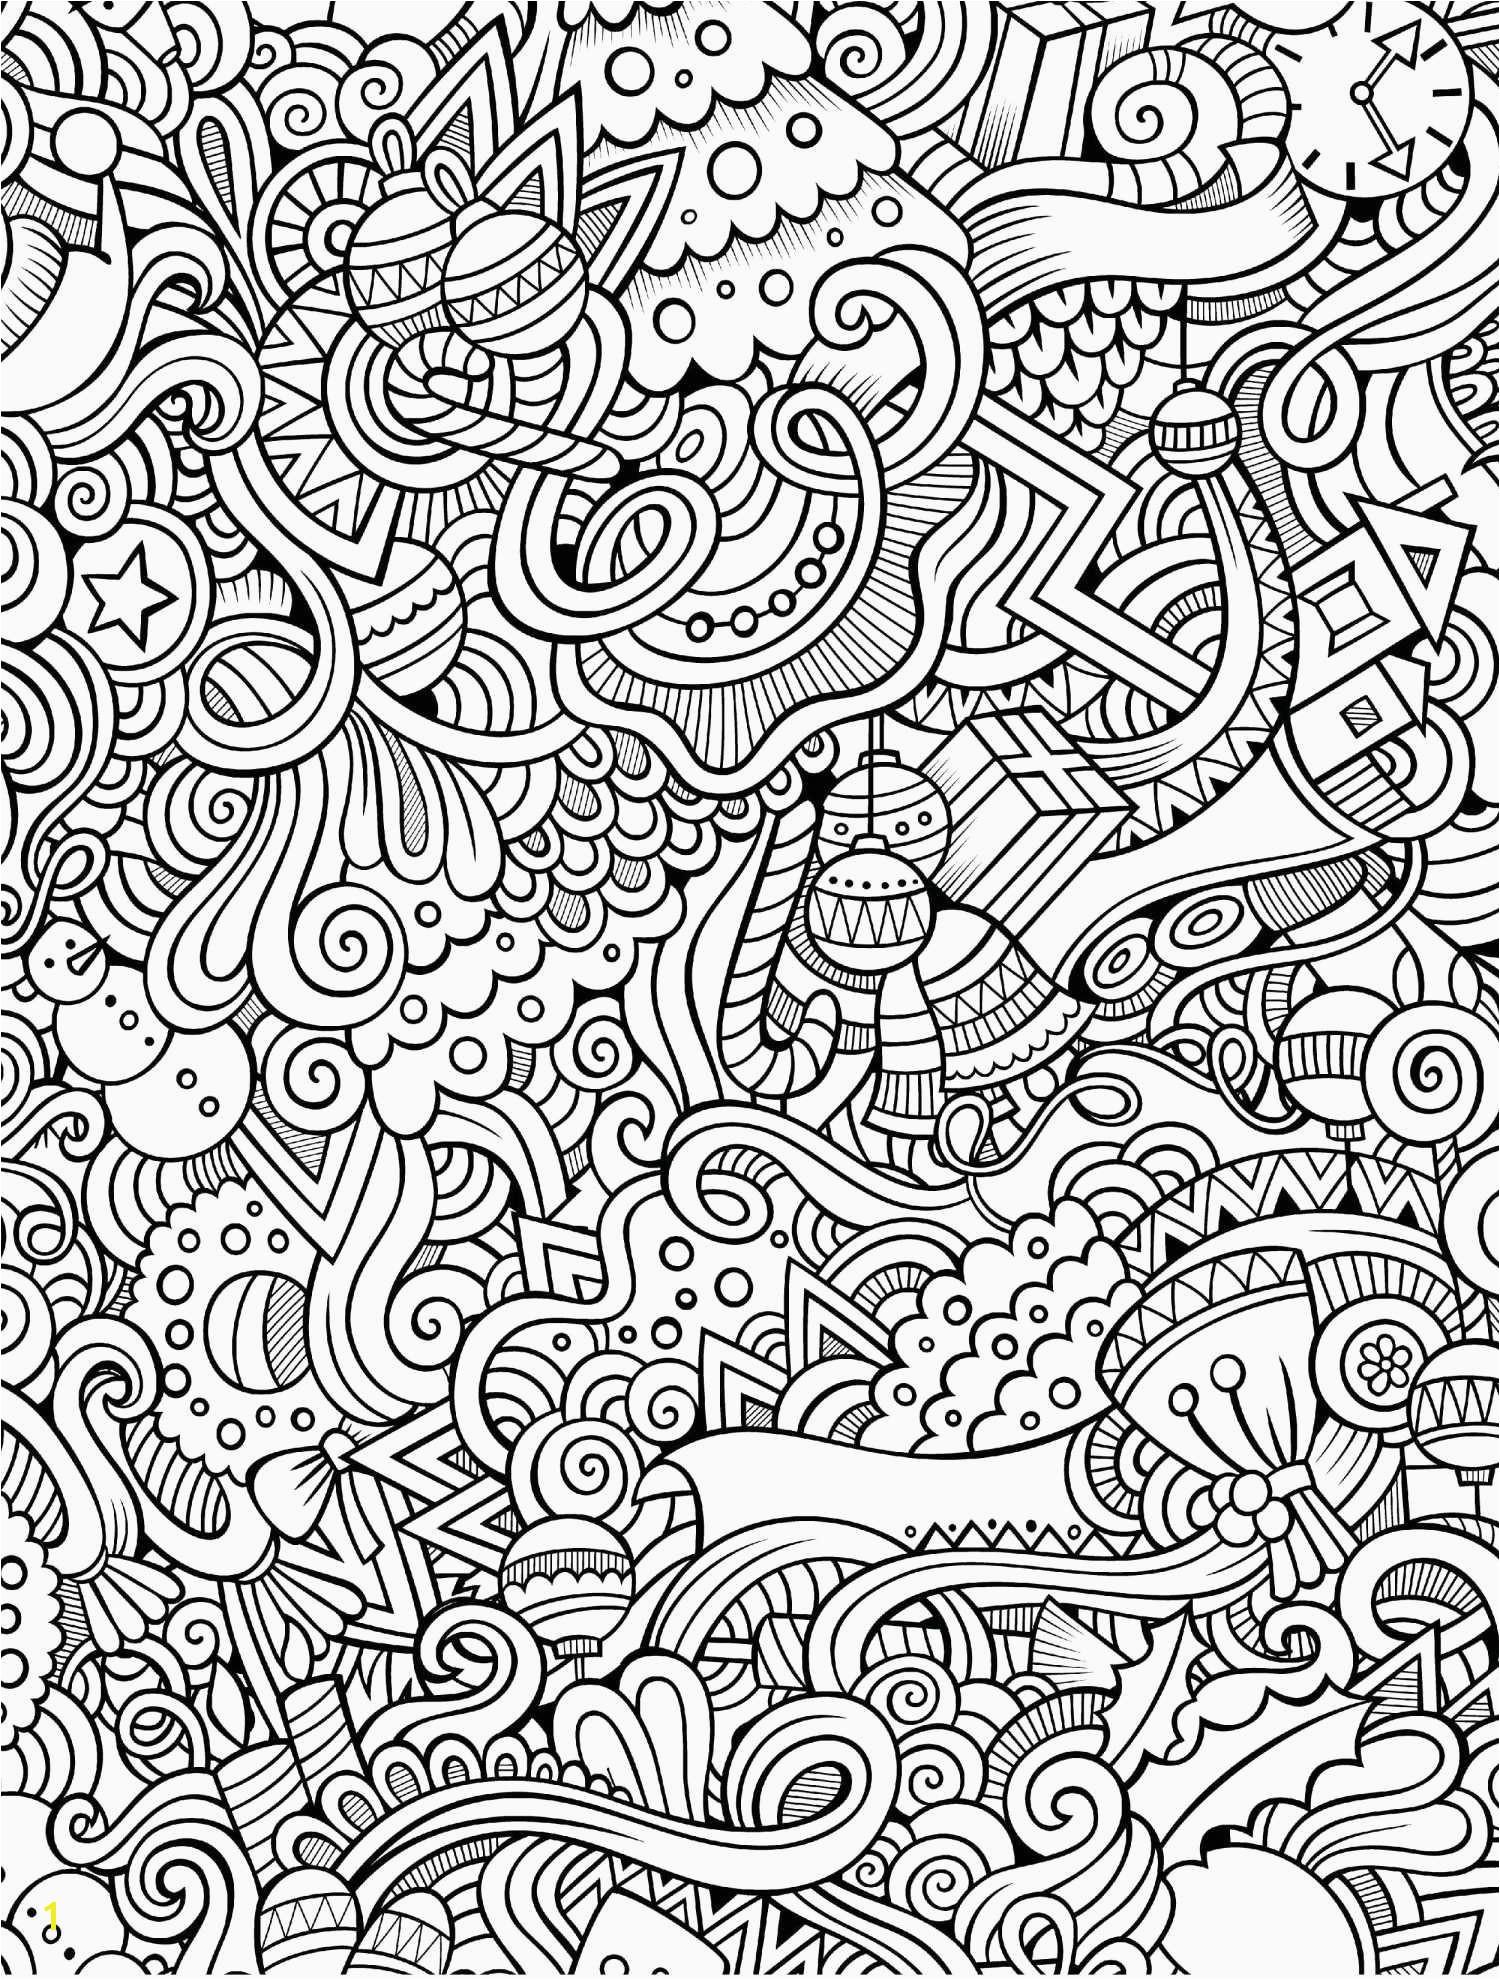 Free Christmas Mandala Coloring Pagesmandala Coloring Pages Printable Free